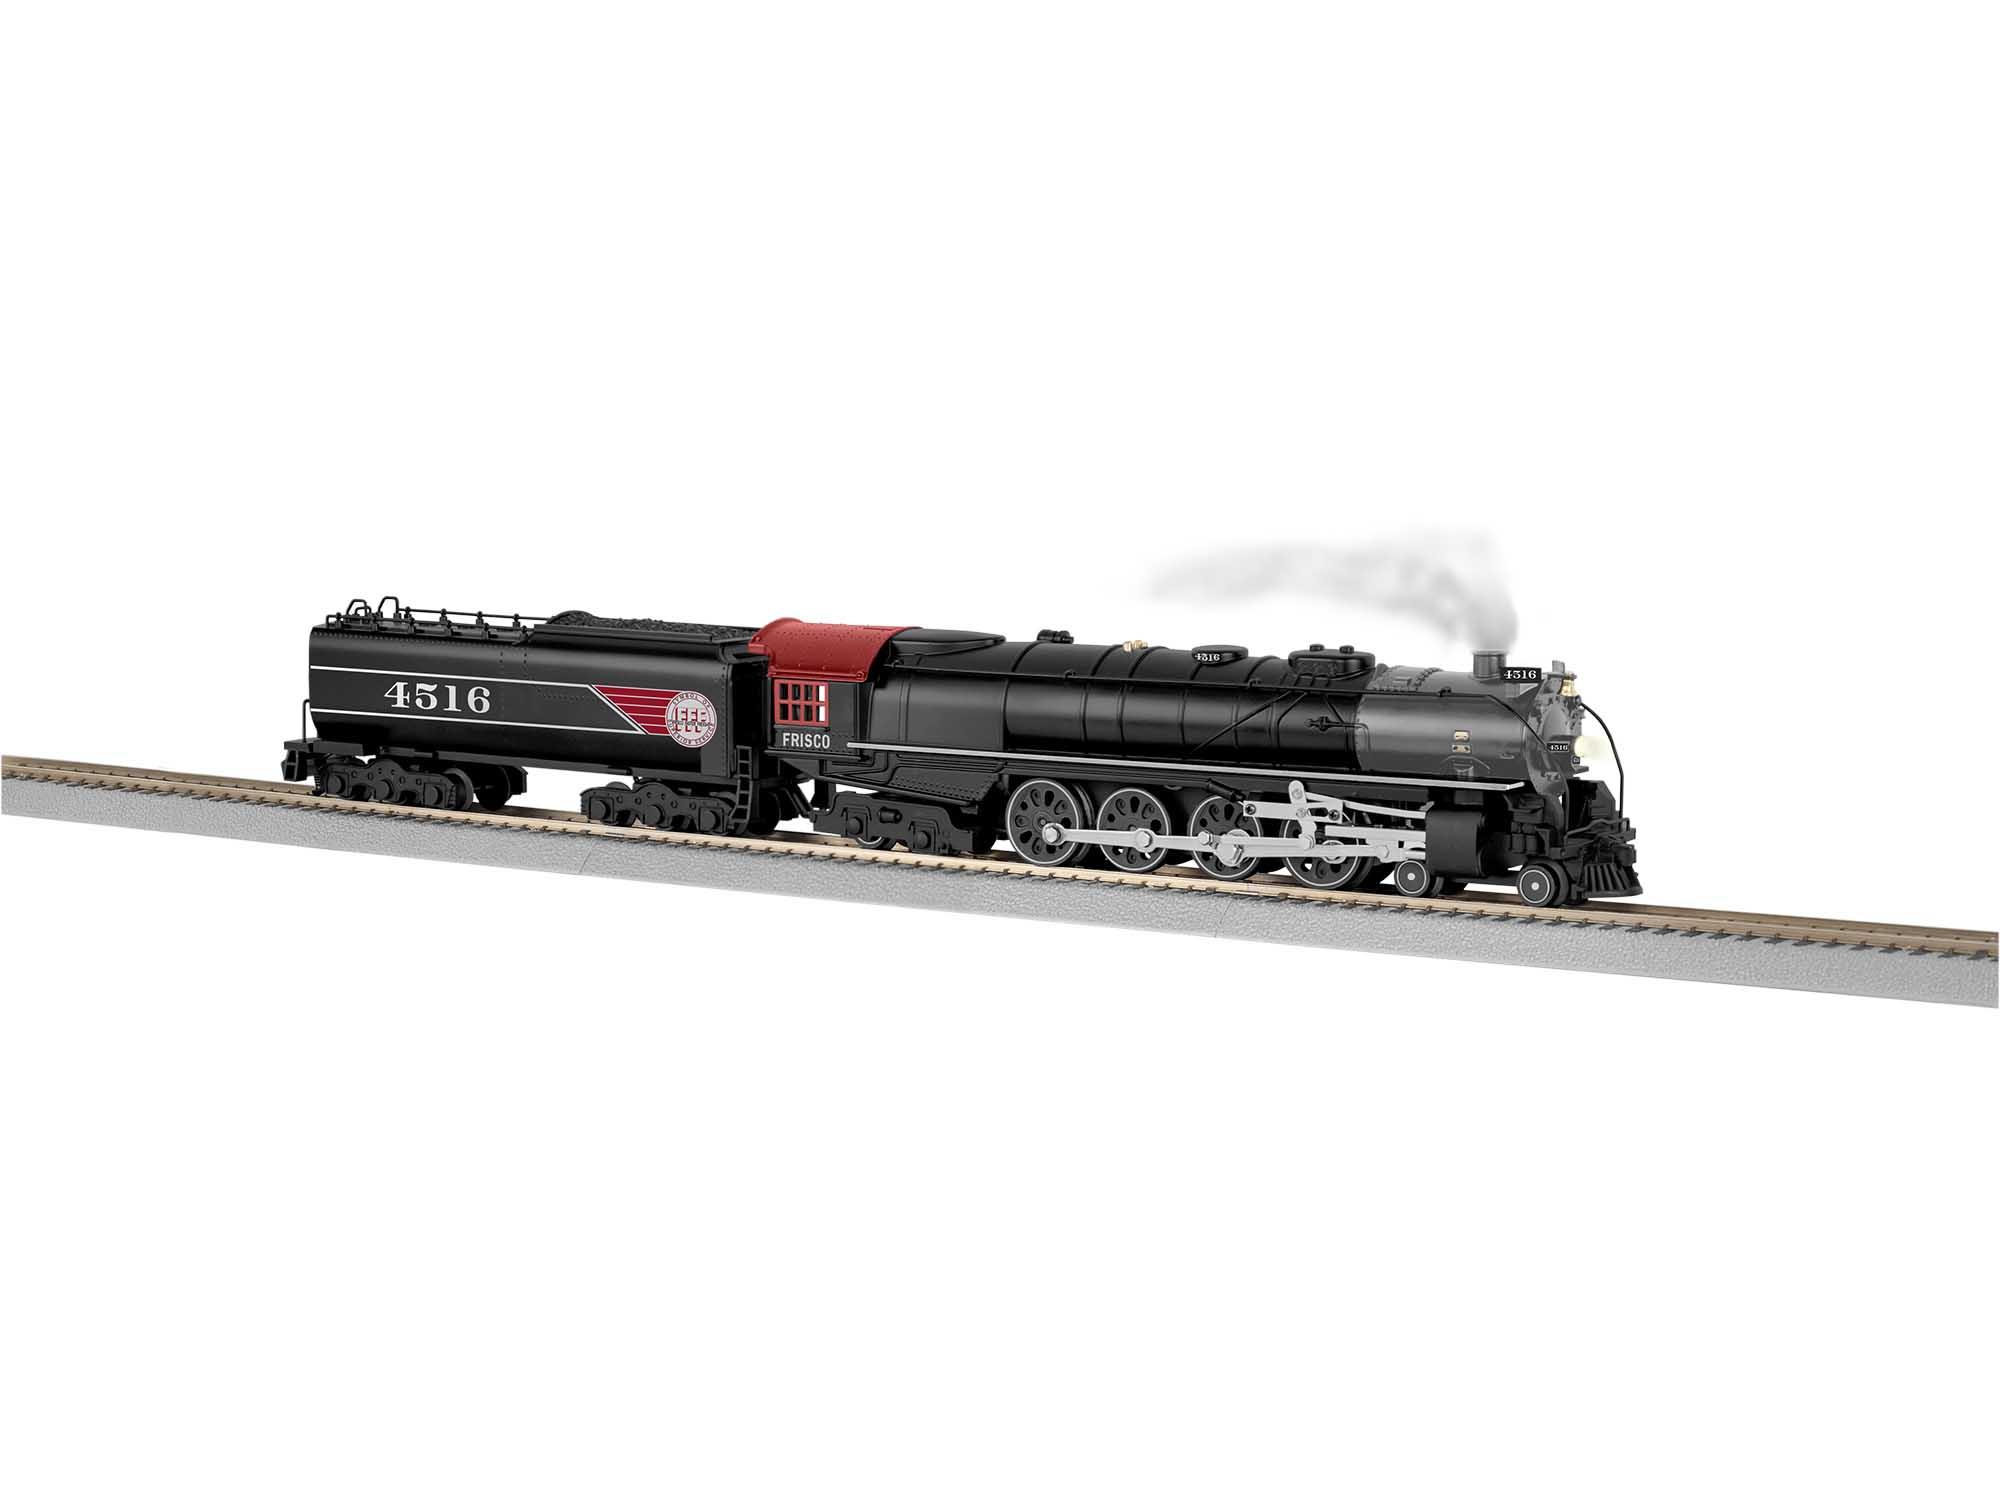 Lionel 2021160 S FlyerChief Northern Frisco #4516